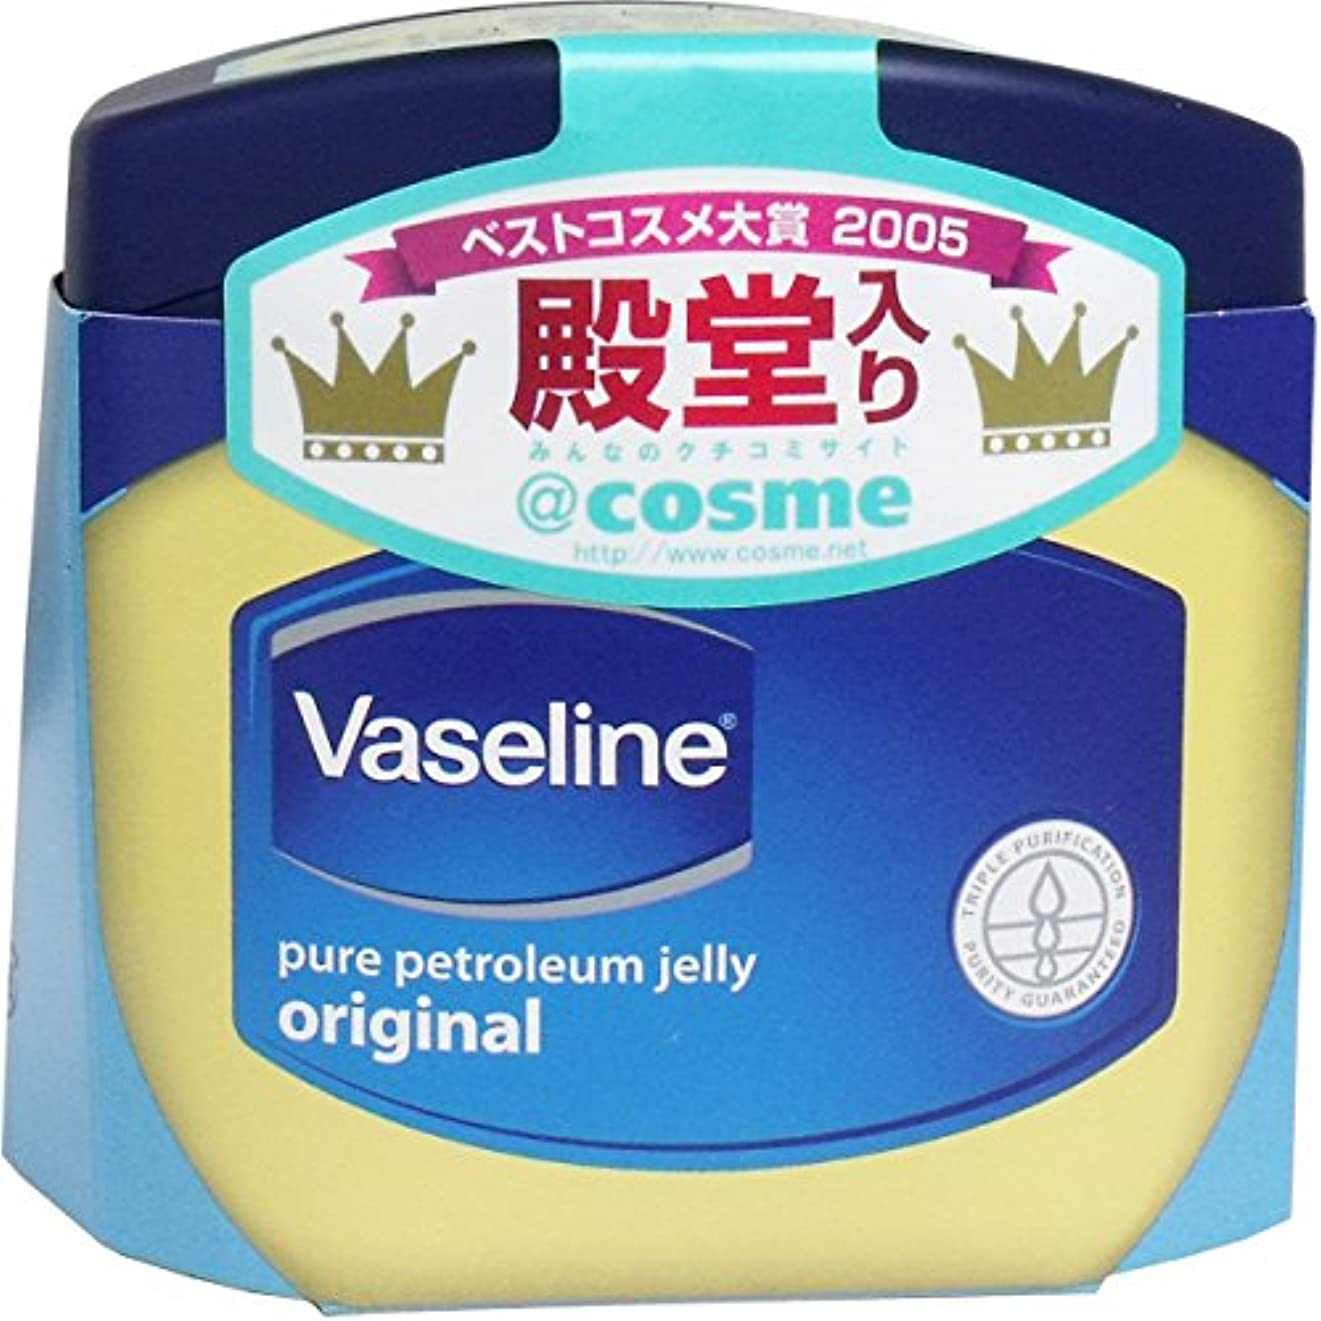 サロントースト空中【Vaseline】ヴァセリン ピュアスキンジェリー (スキンオイル) 200g ×10個セット